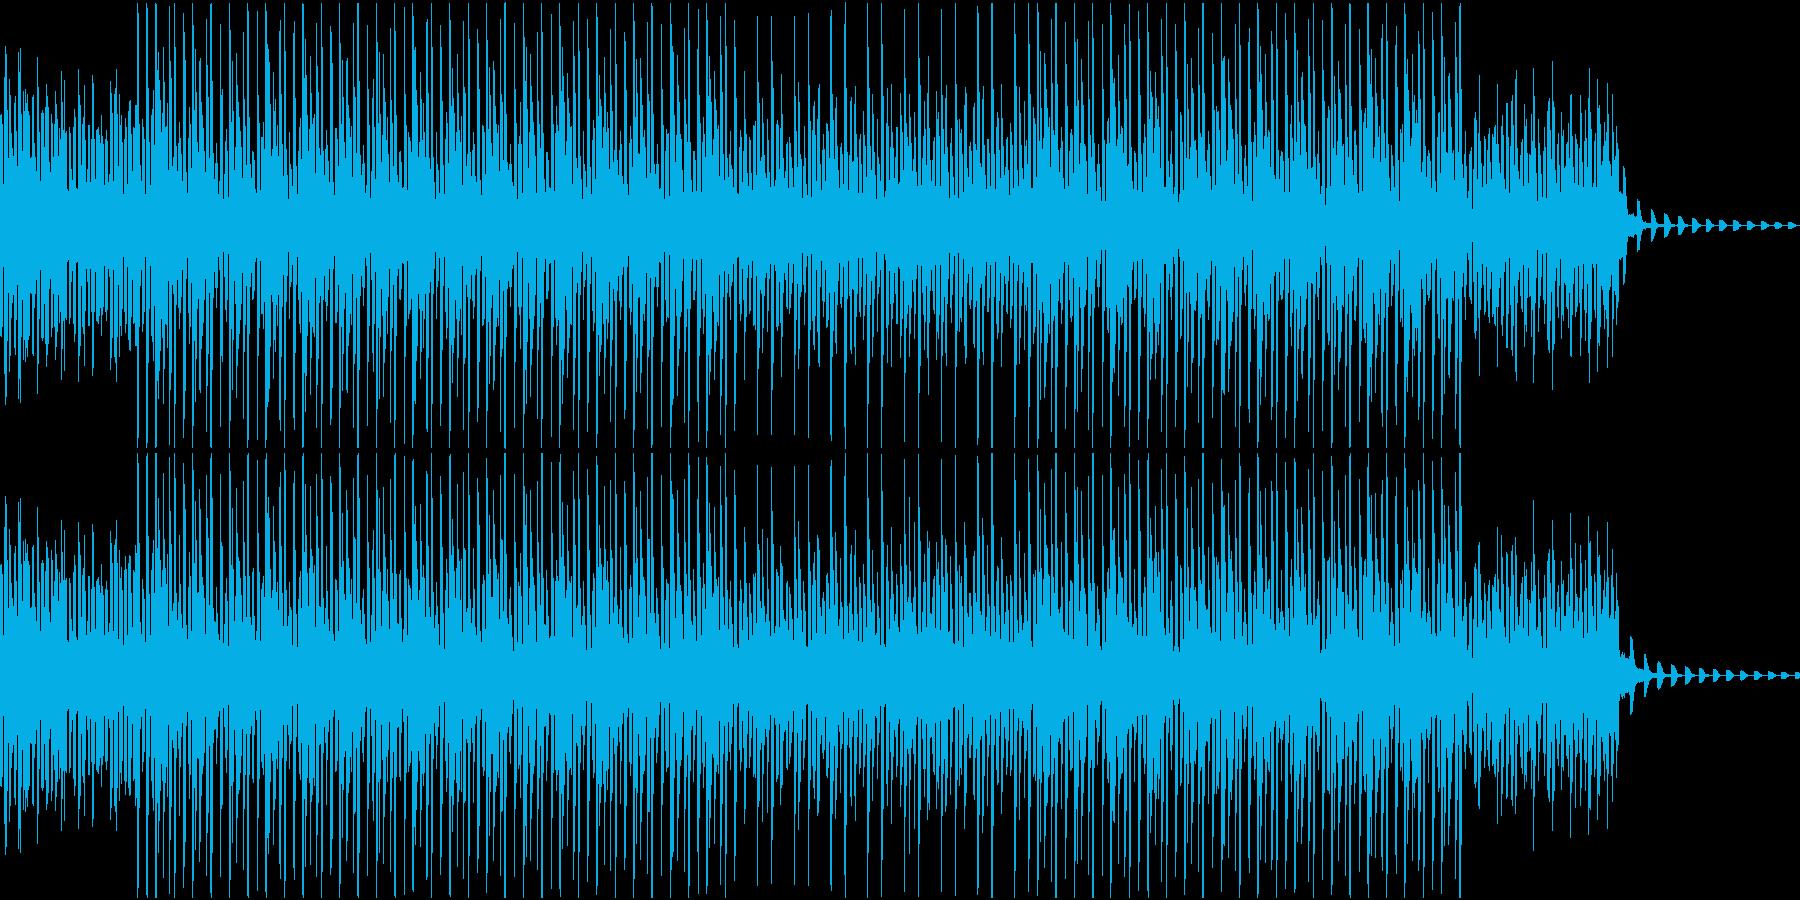 【夜】【HIP HOP】-ydxの再生済みの波形